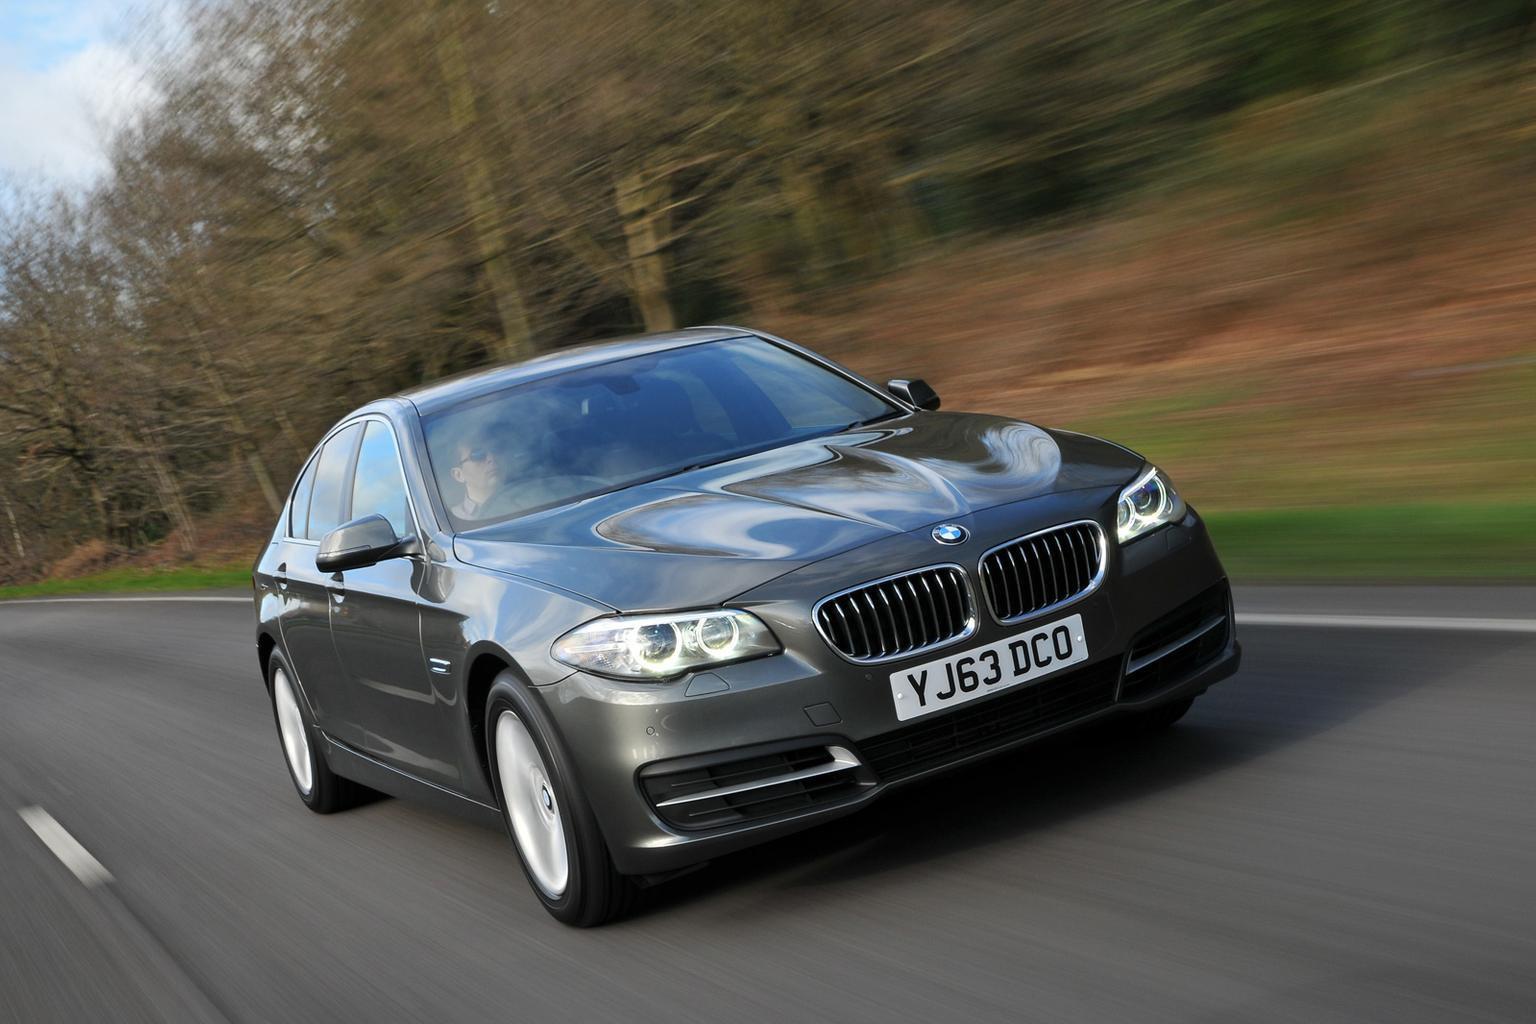 Big savings on BMWs in this week's deals